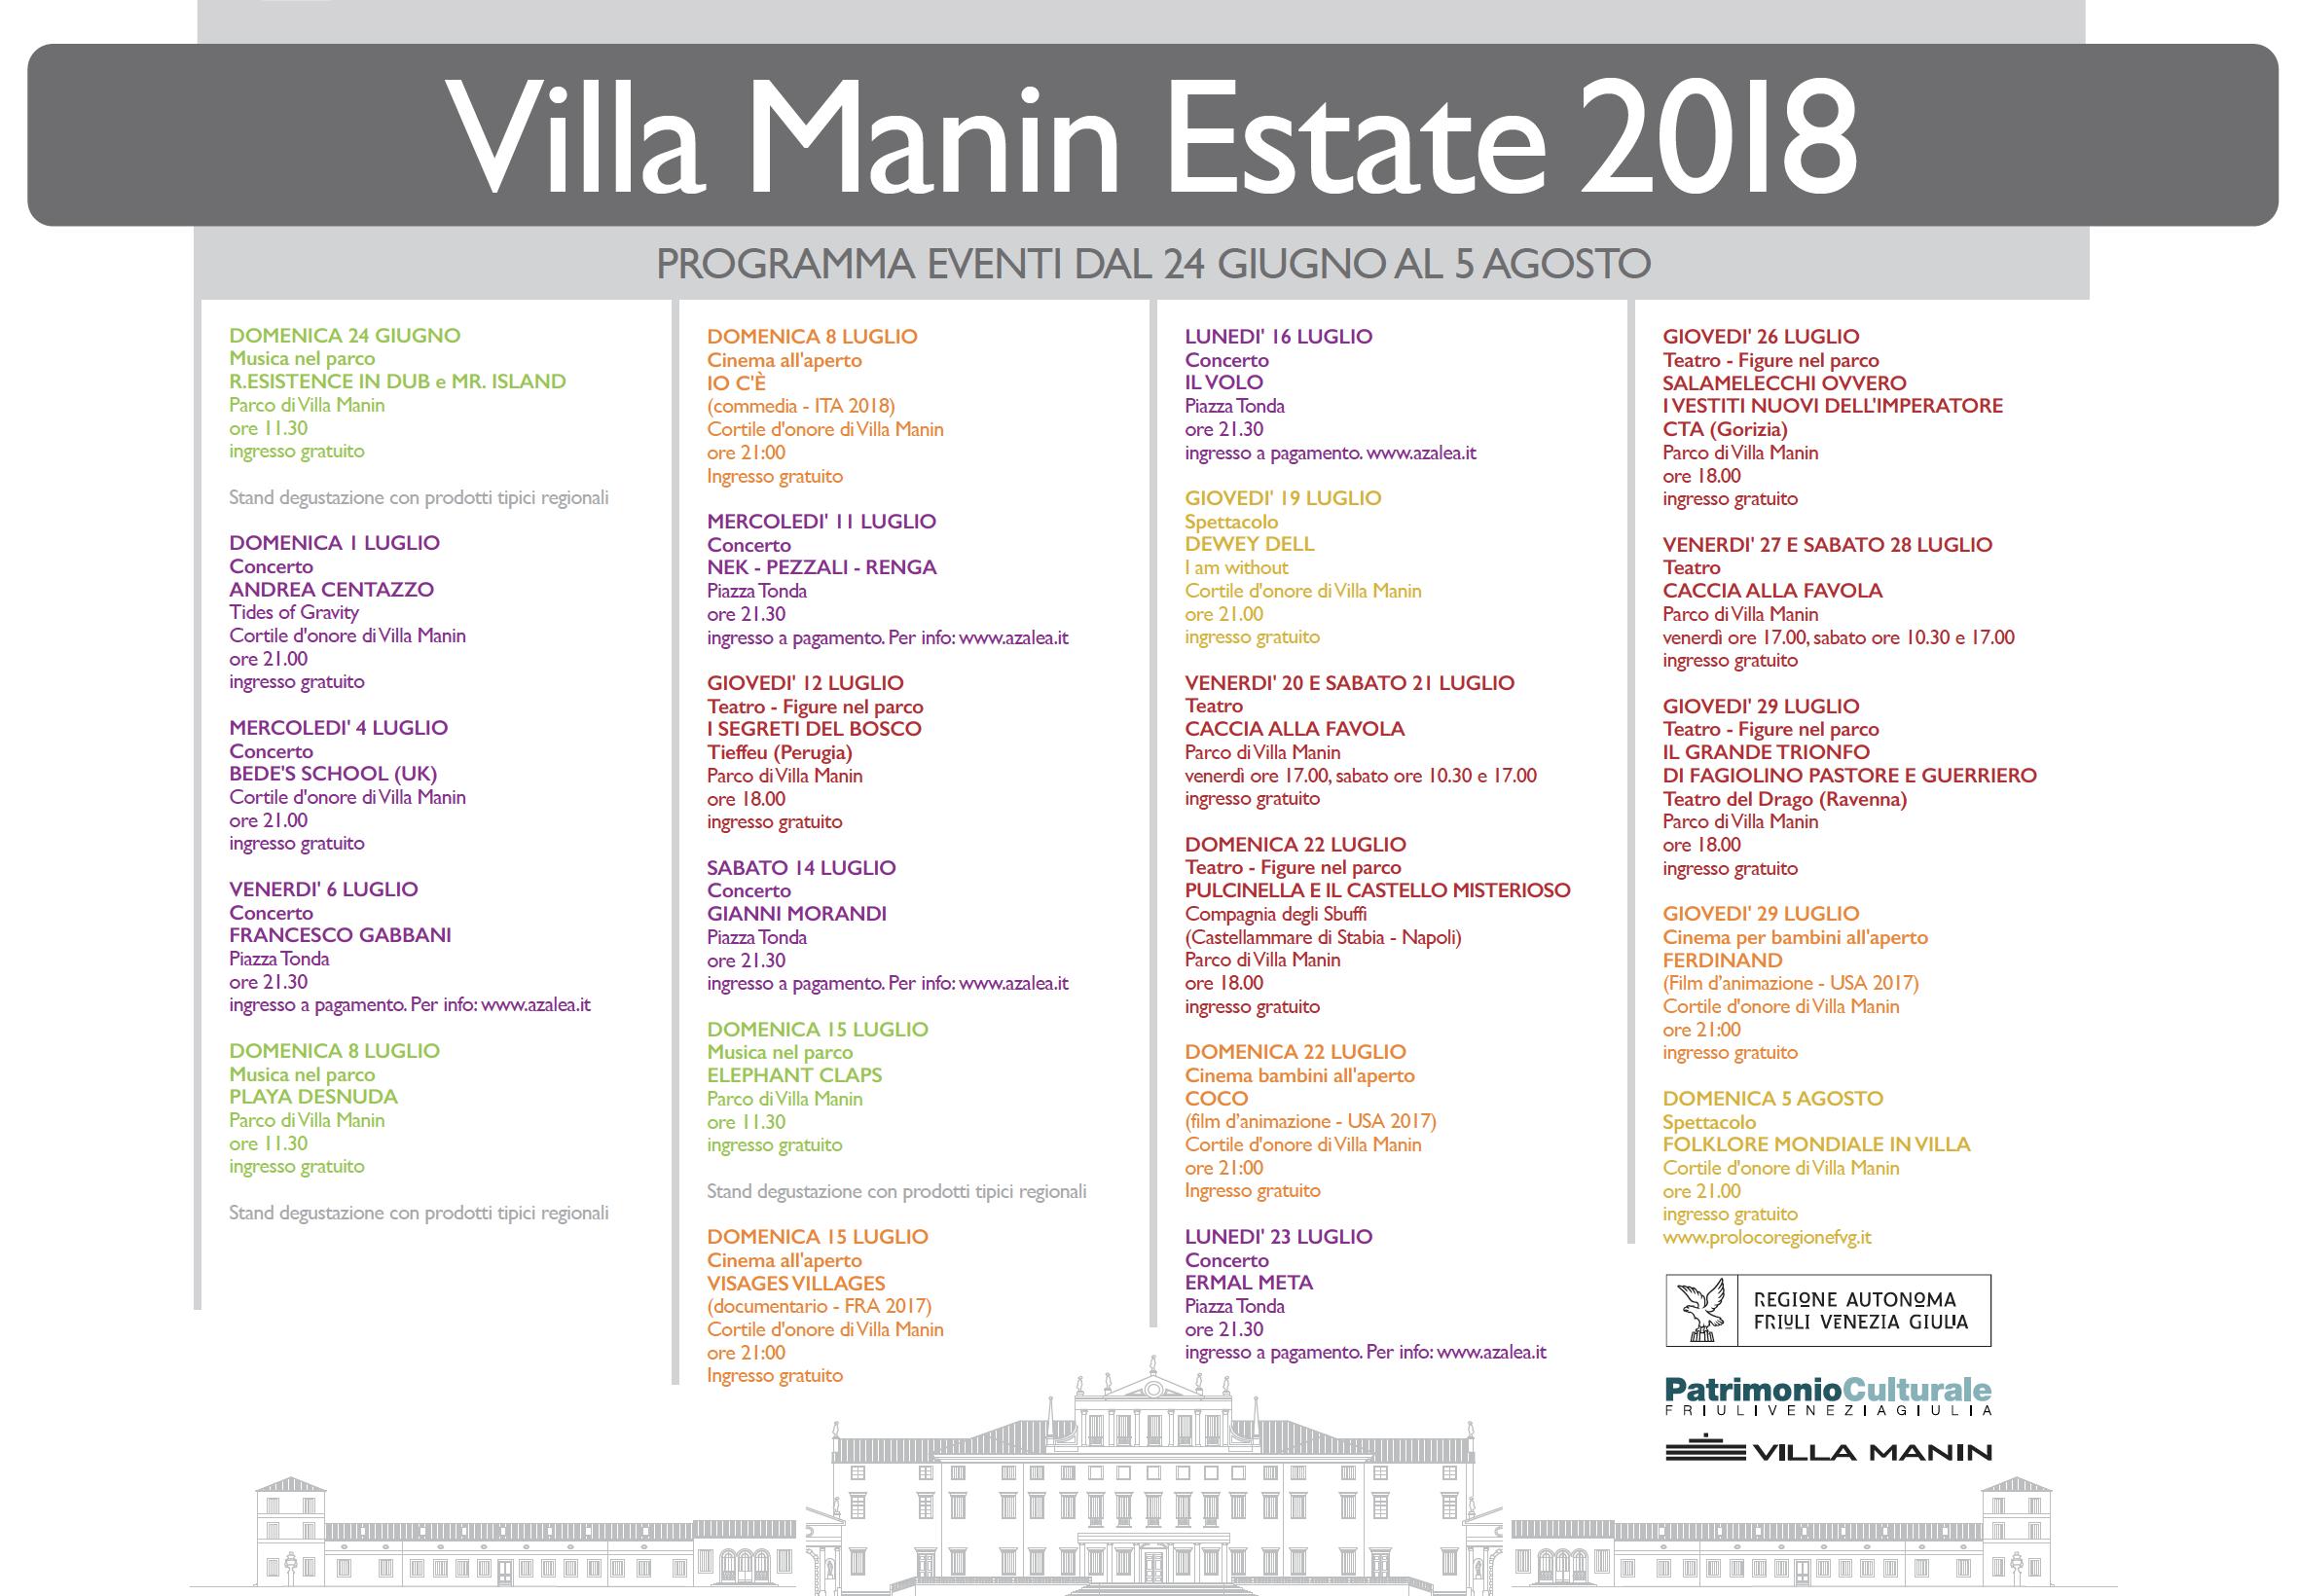 Villa Manin Estate 2018 | Programma completo